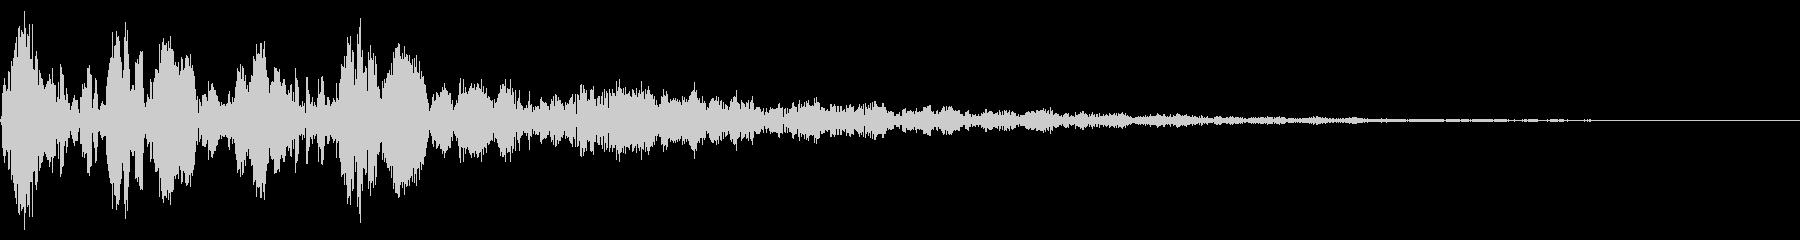 ポユポユーン(ダイアログ開く_01)の未再生の波形